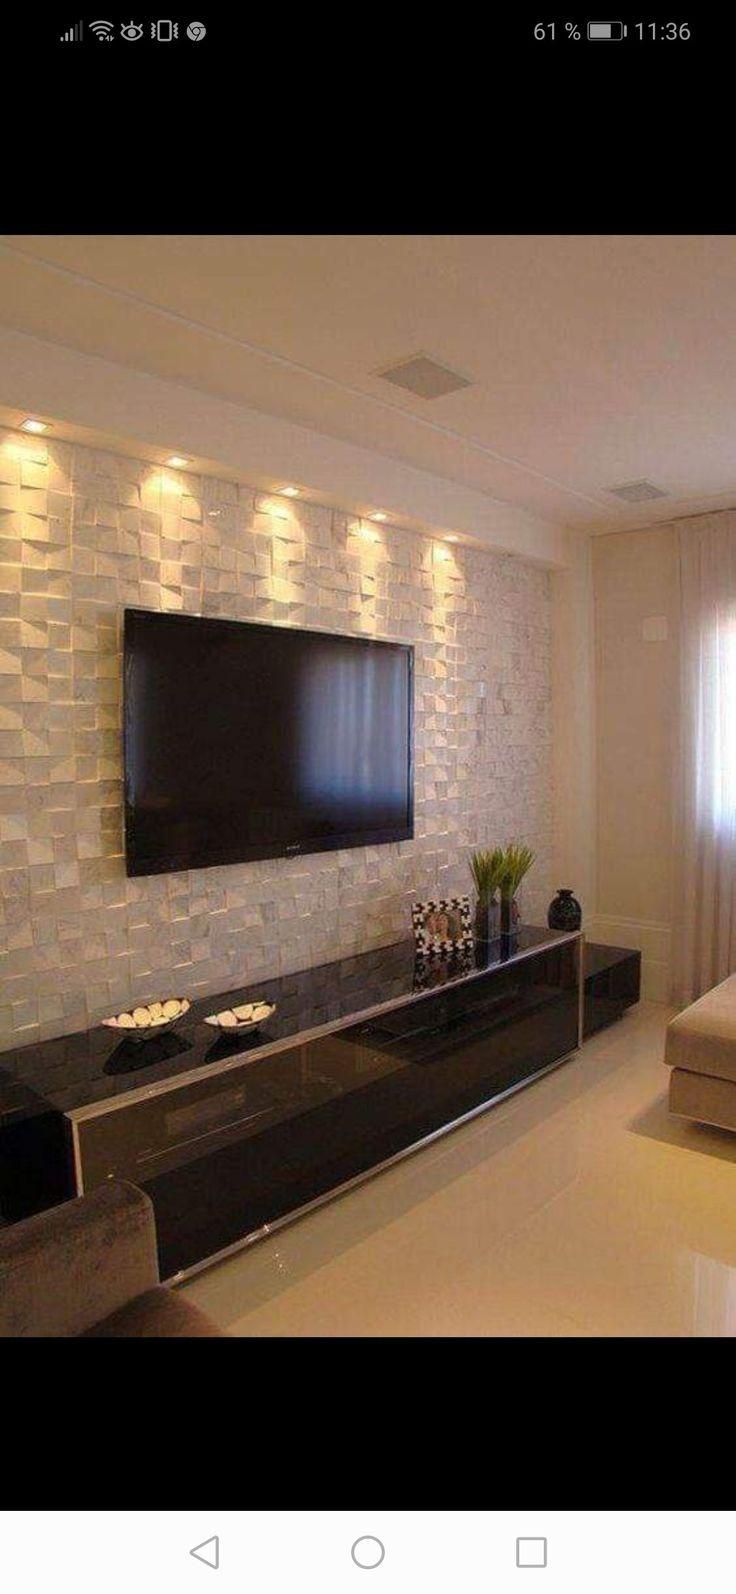 FOTOS (mit Bildern) | Wohnzimmer tv wand ideen, Tv ...